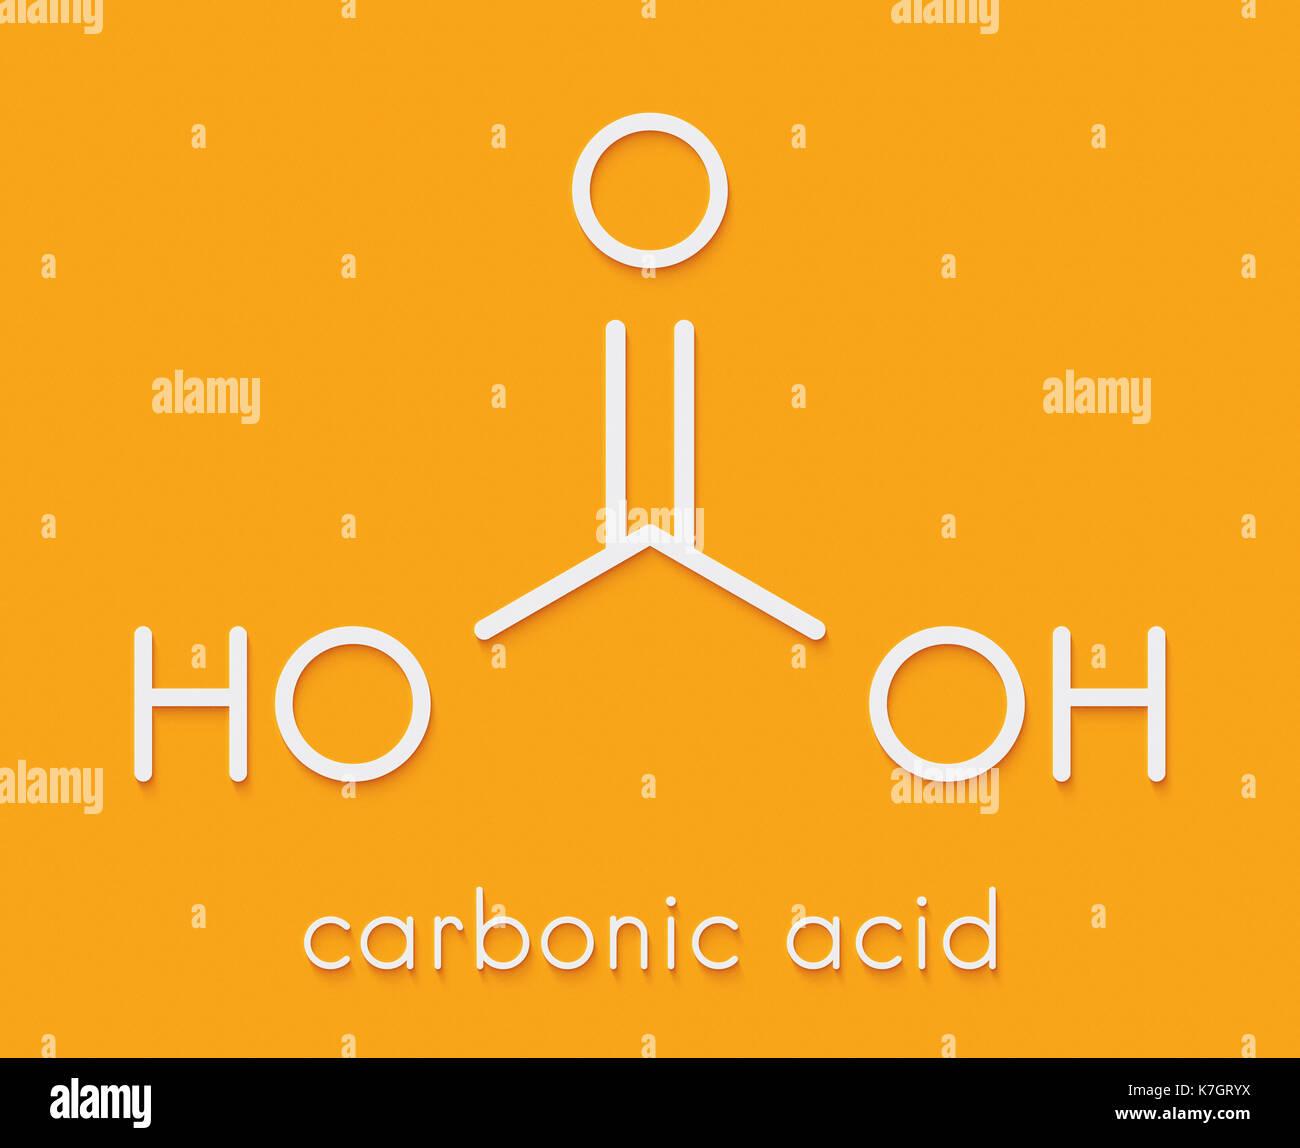 Molécula de ácido carbónico formado cuando el dióxido de carbono se disuelve en el agua (agua carbonatada). Fórmula esquelética. Imagen De Stock